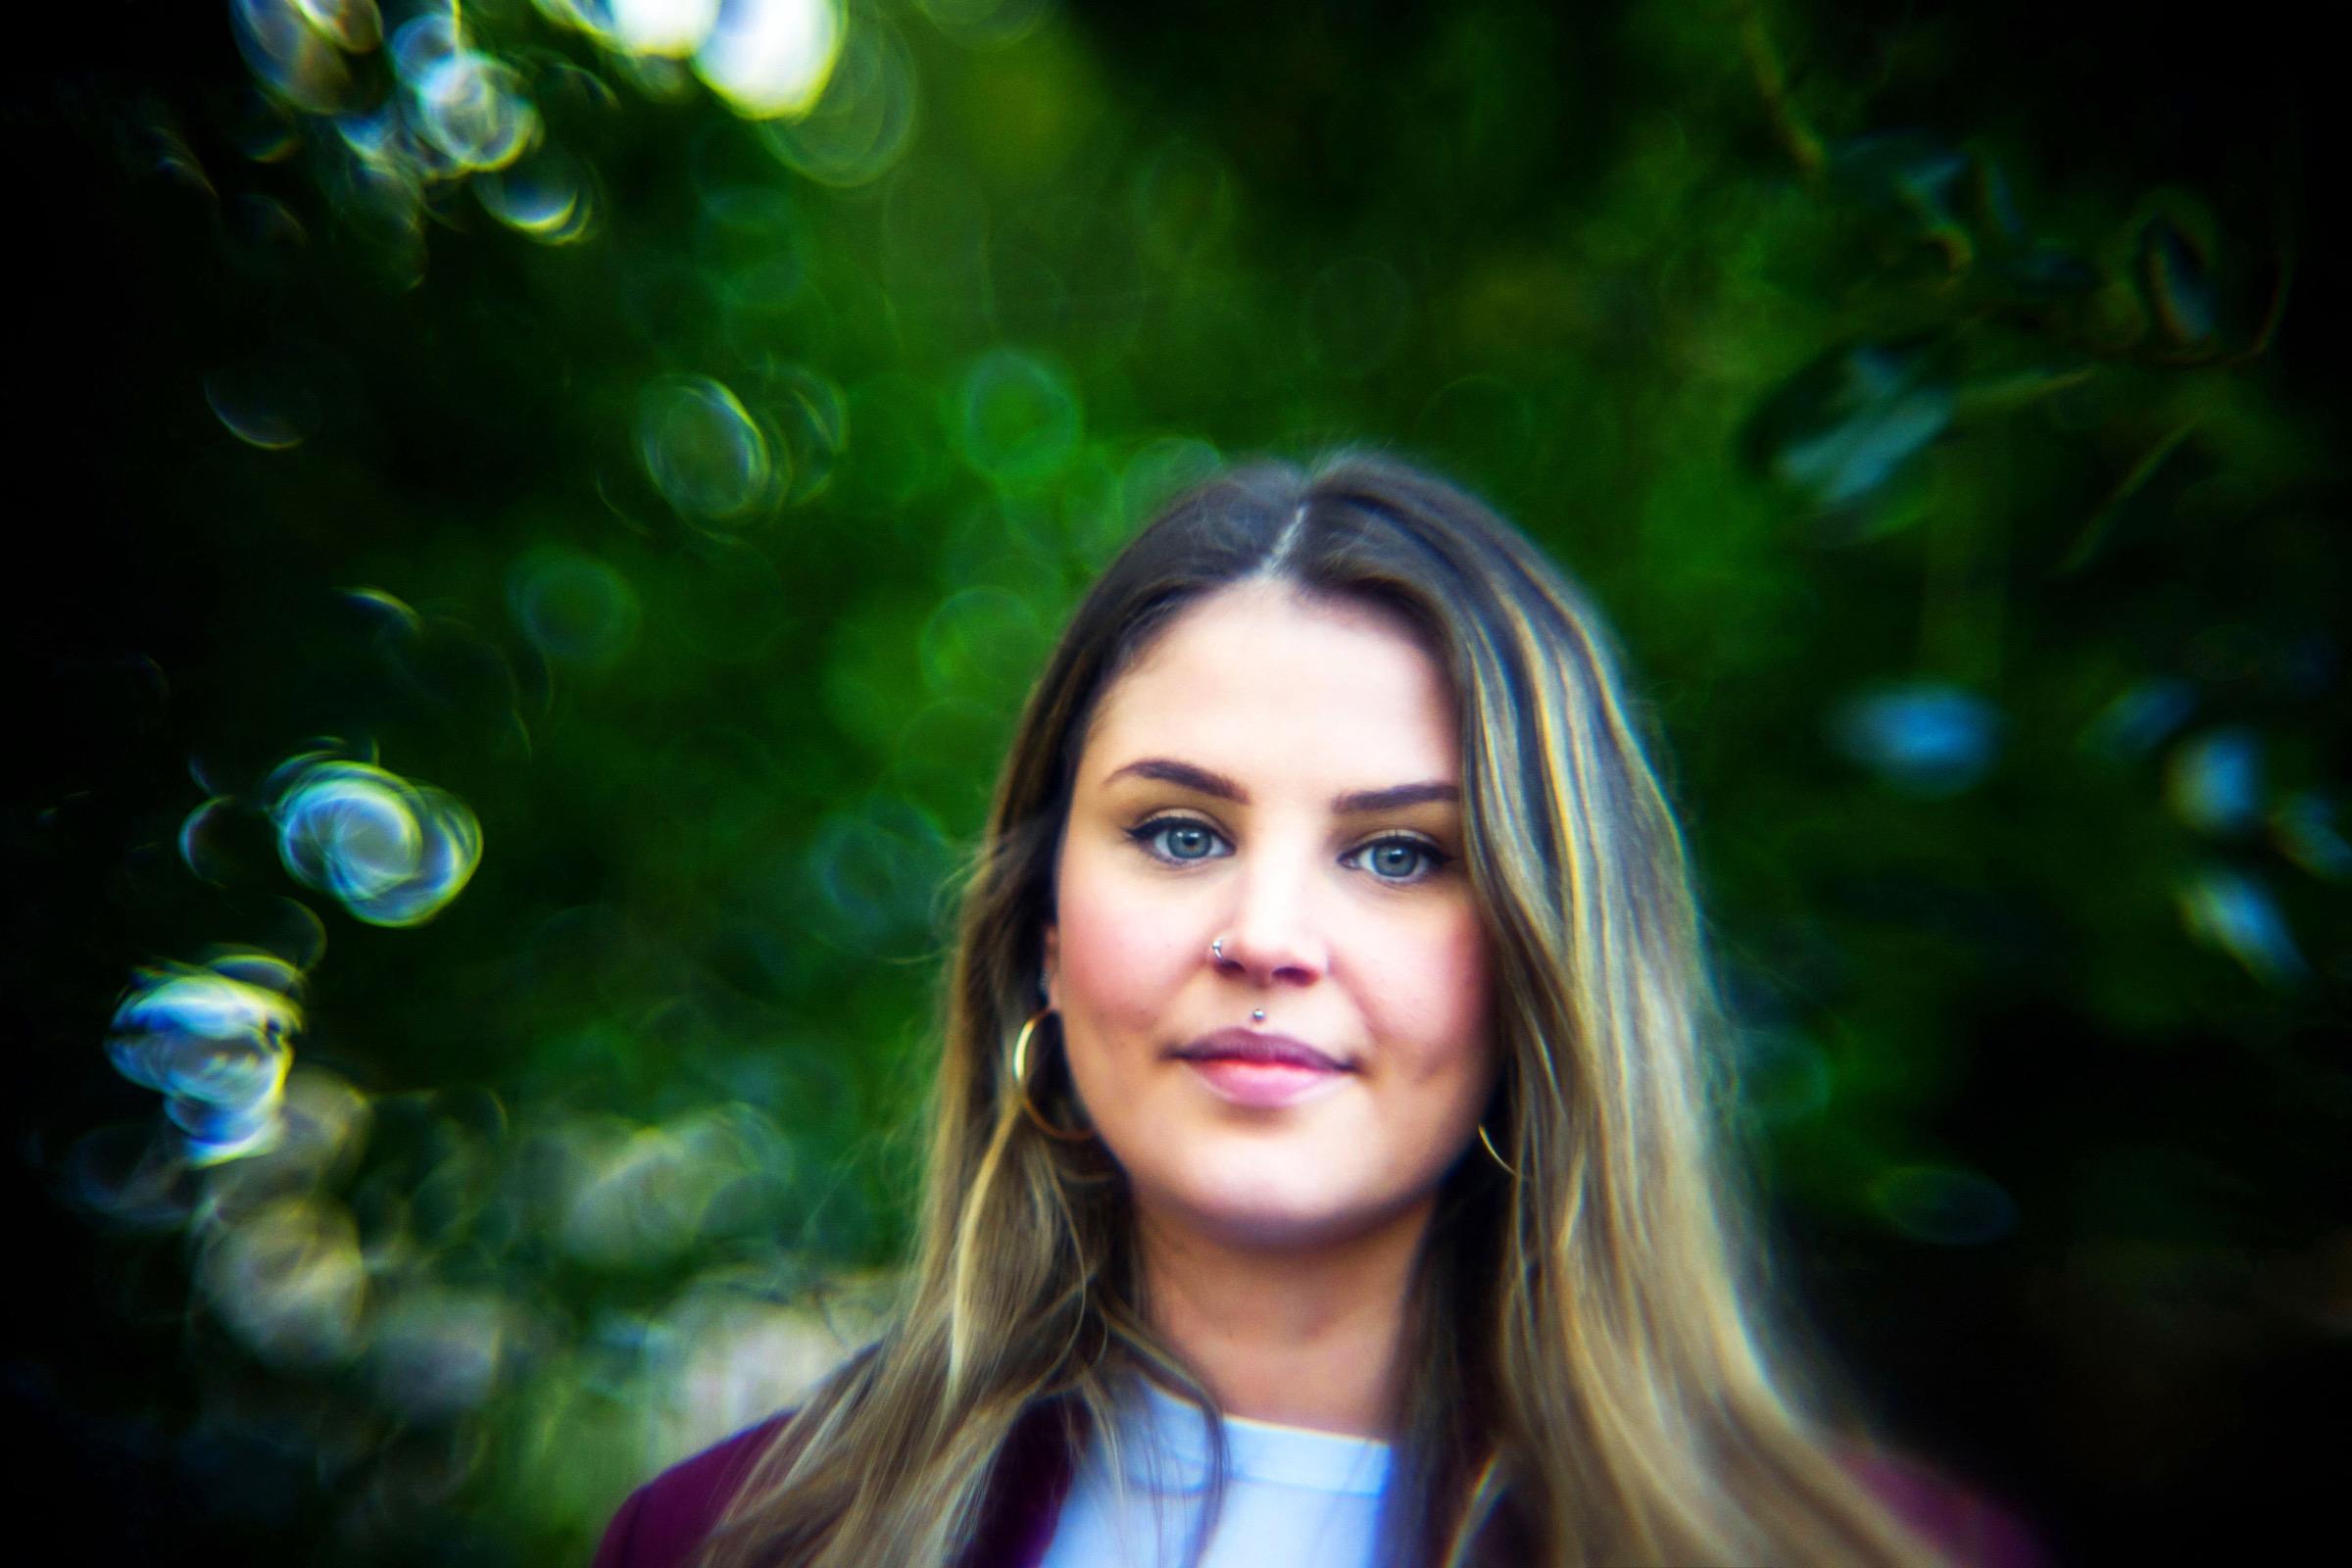 Canon 50mm f0.75 XI lens portrait